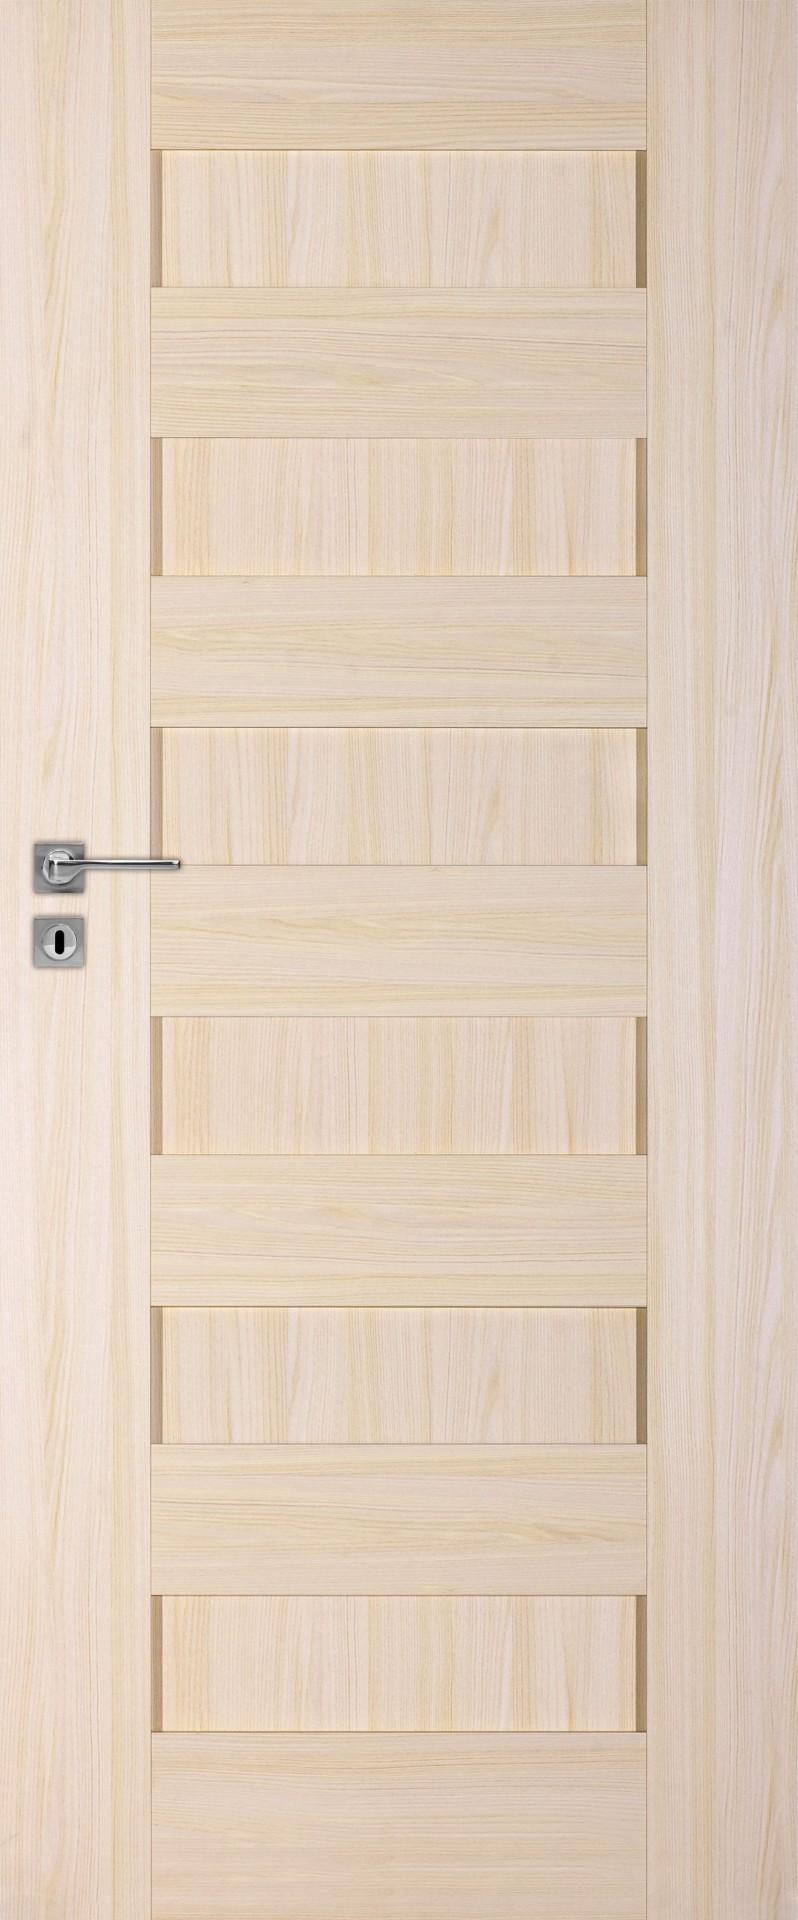 Dre dveře SCALA A, Šíře v cm 60